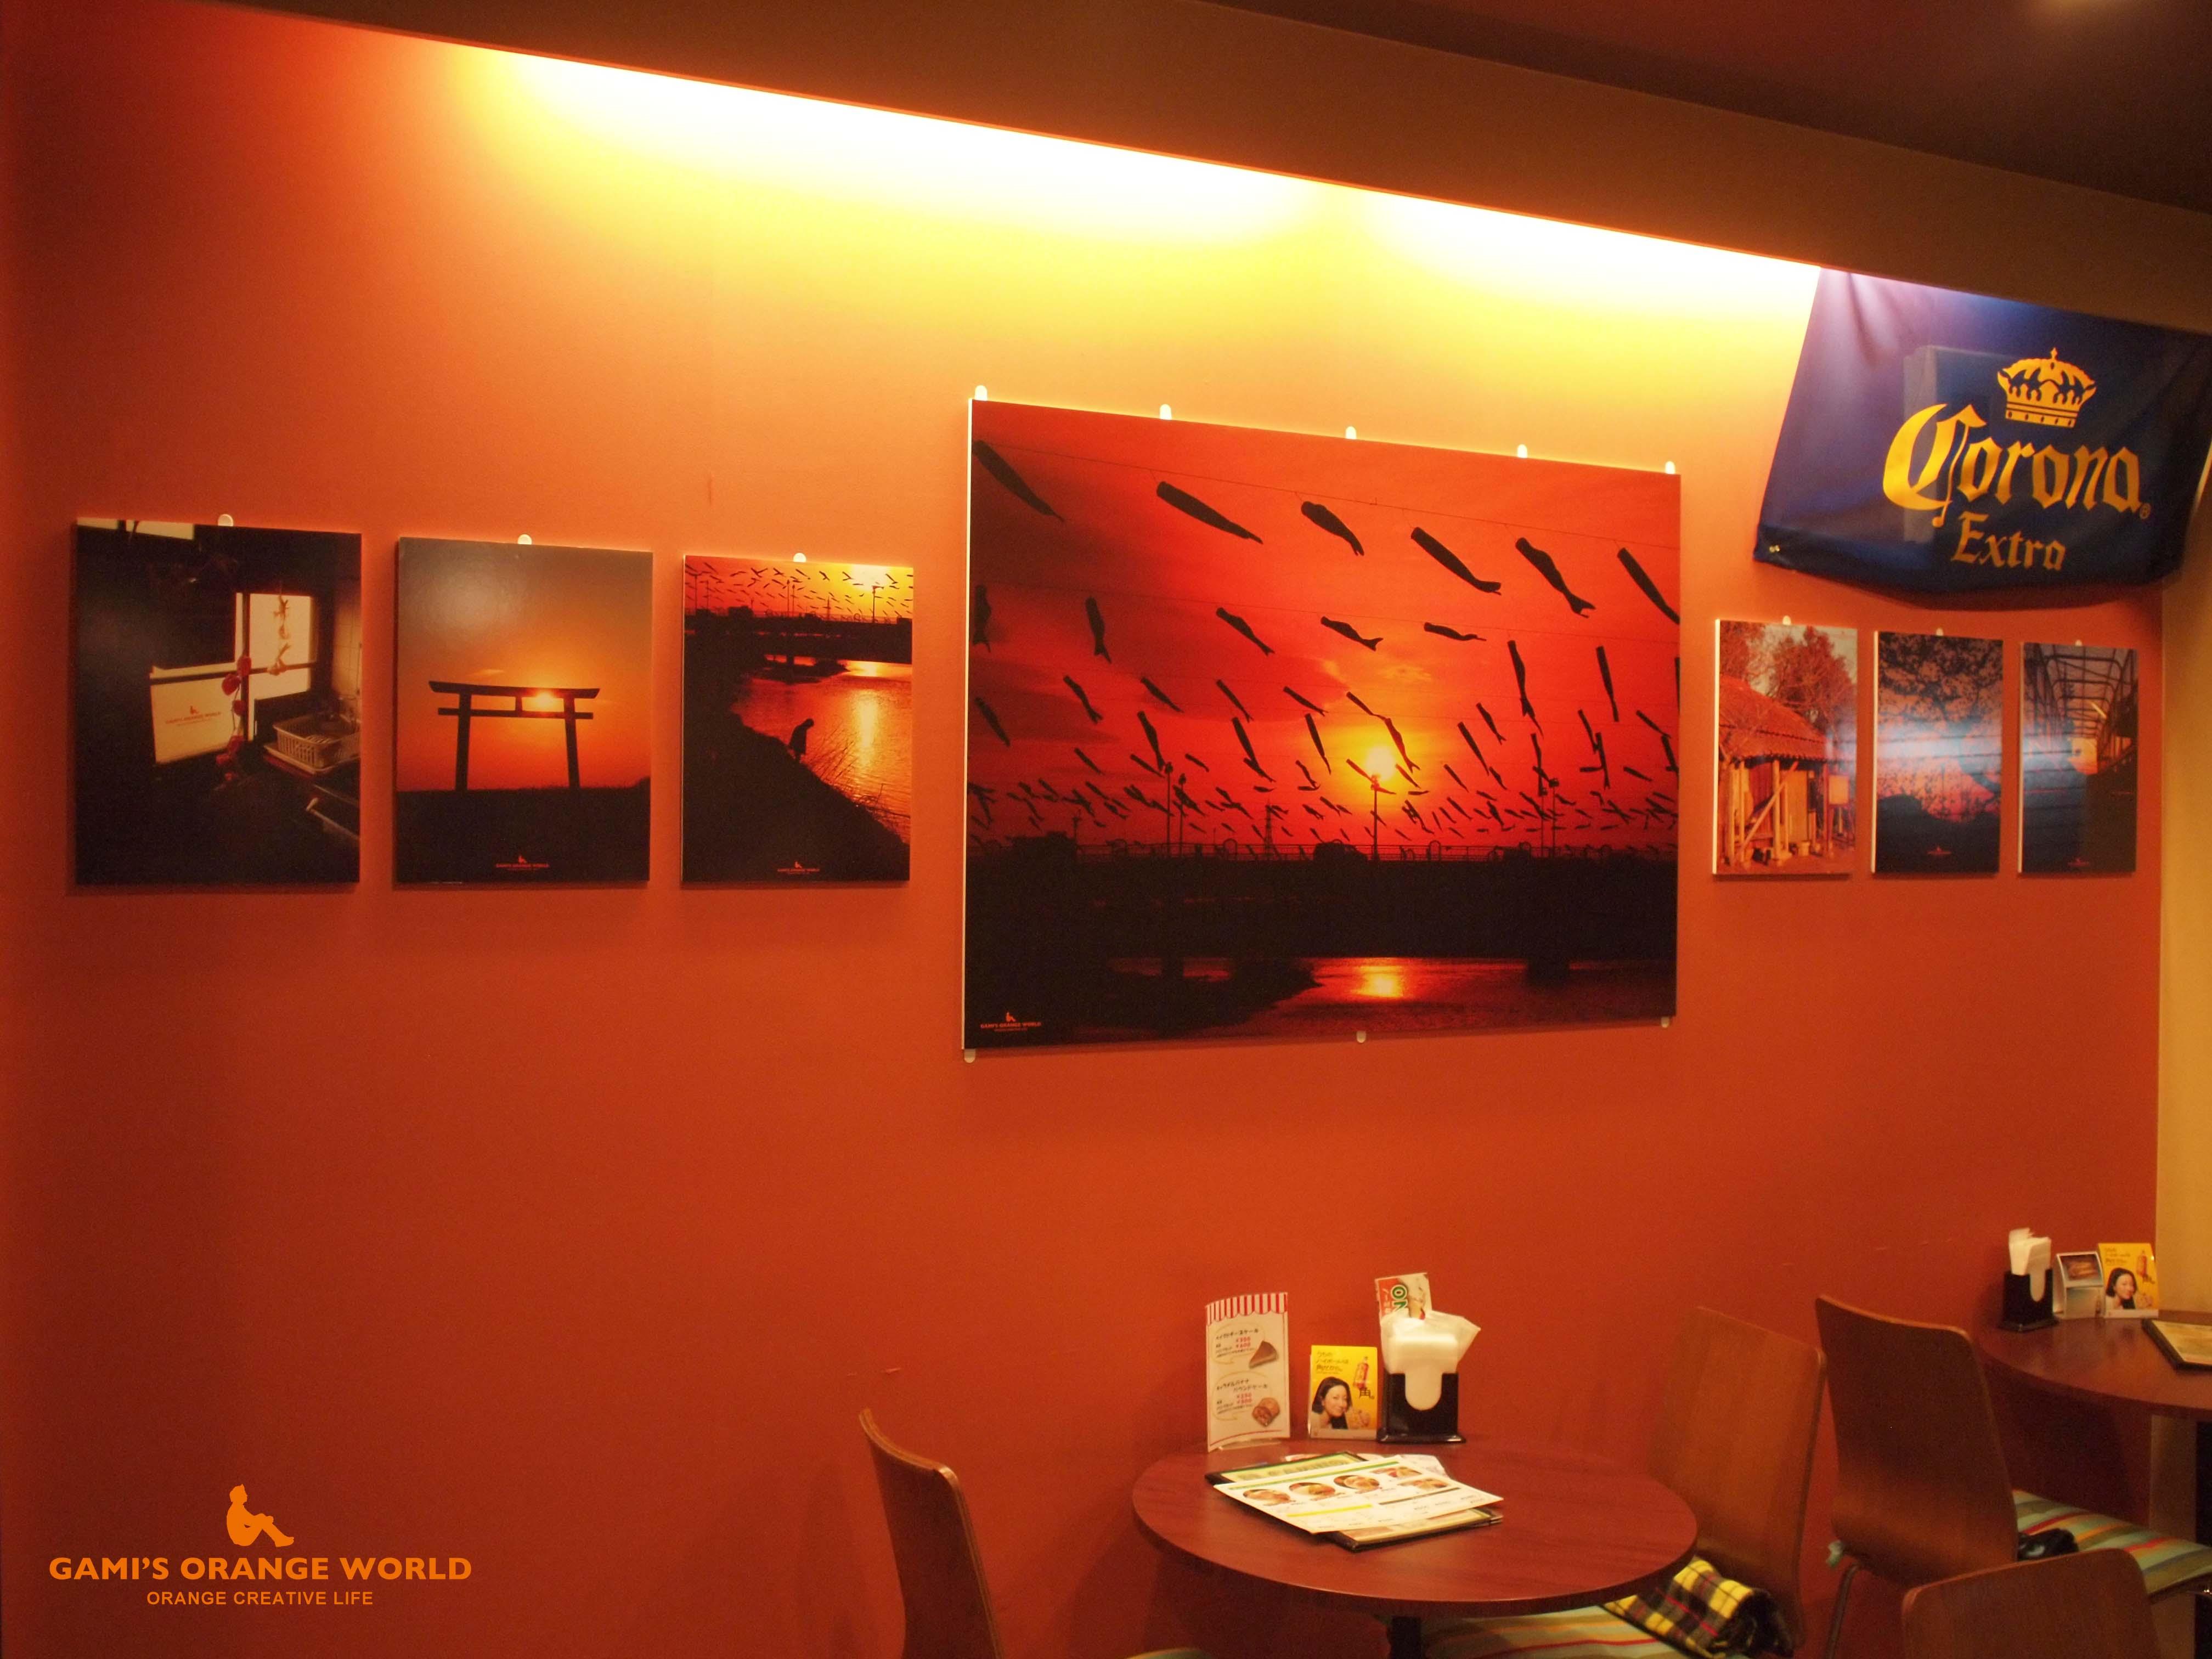 0580第三回オレンジの世界展展示写真3 のコピー.jpg